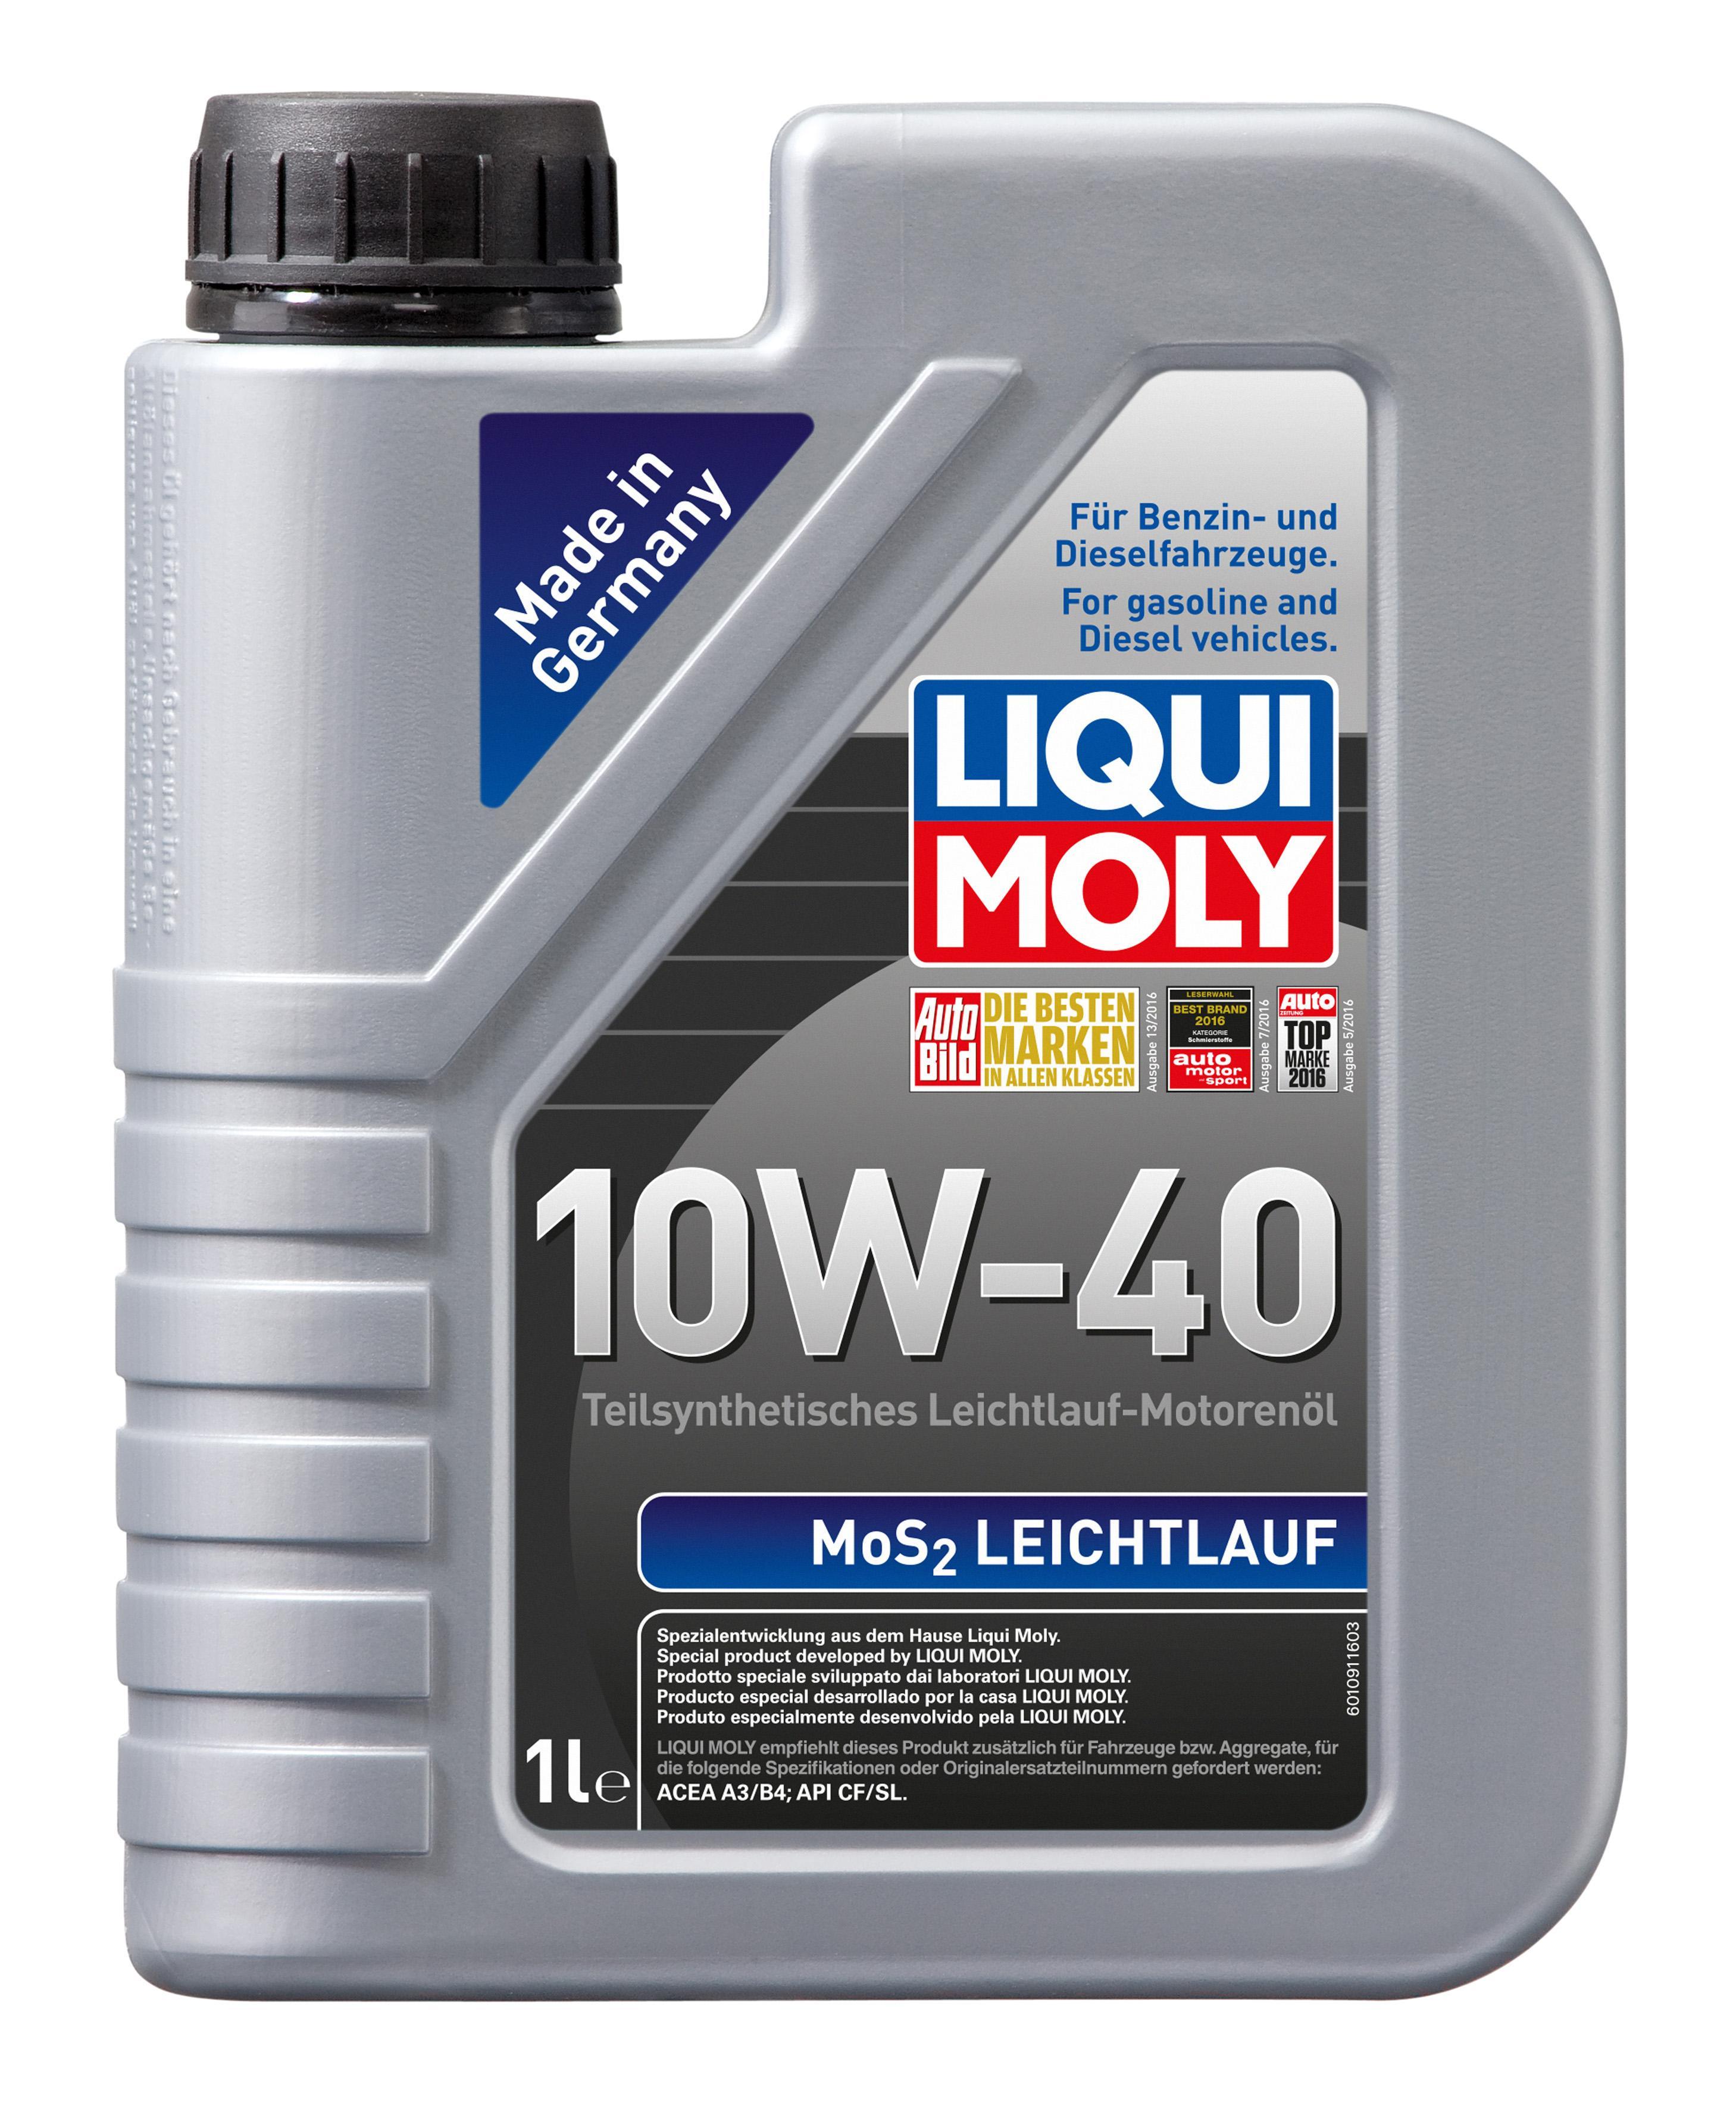 MoS2Leichtlauf10W40 LIQUI MOLY МoS2, Leichtlauf 10W-40, 1l, Teilsynthetiköl Motoröl 1091 günstig kaufen